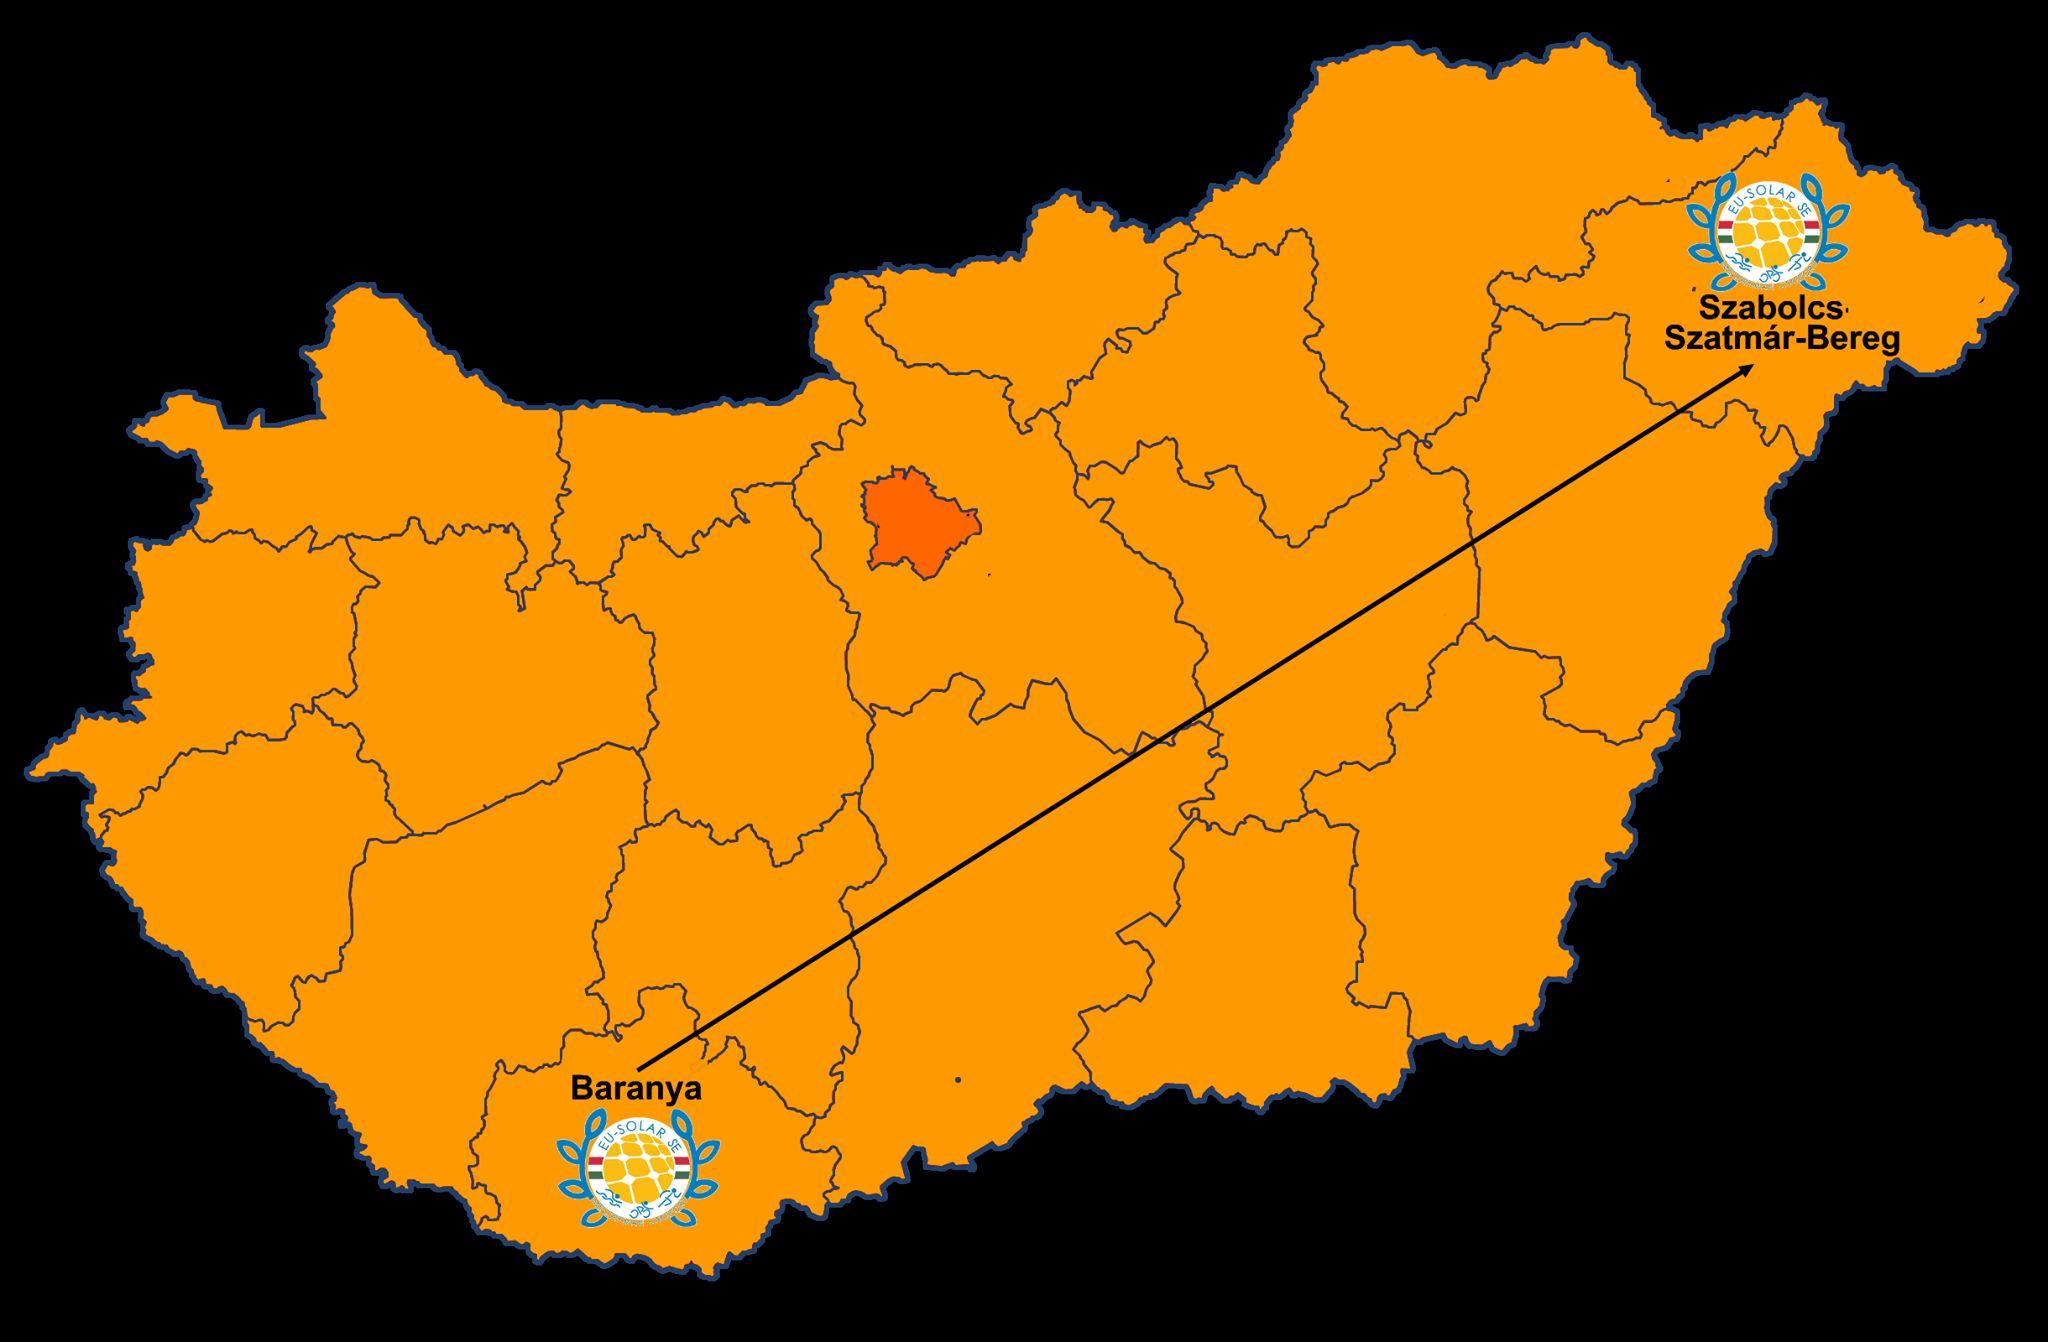 Baranya-Szabolcs Szatmár